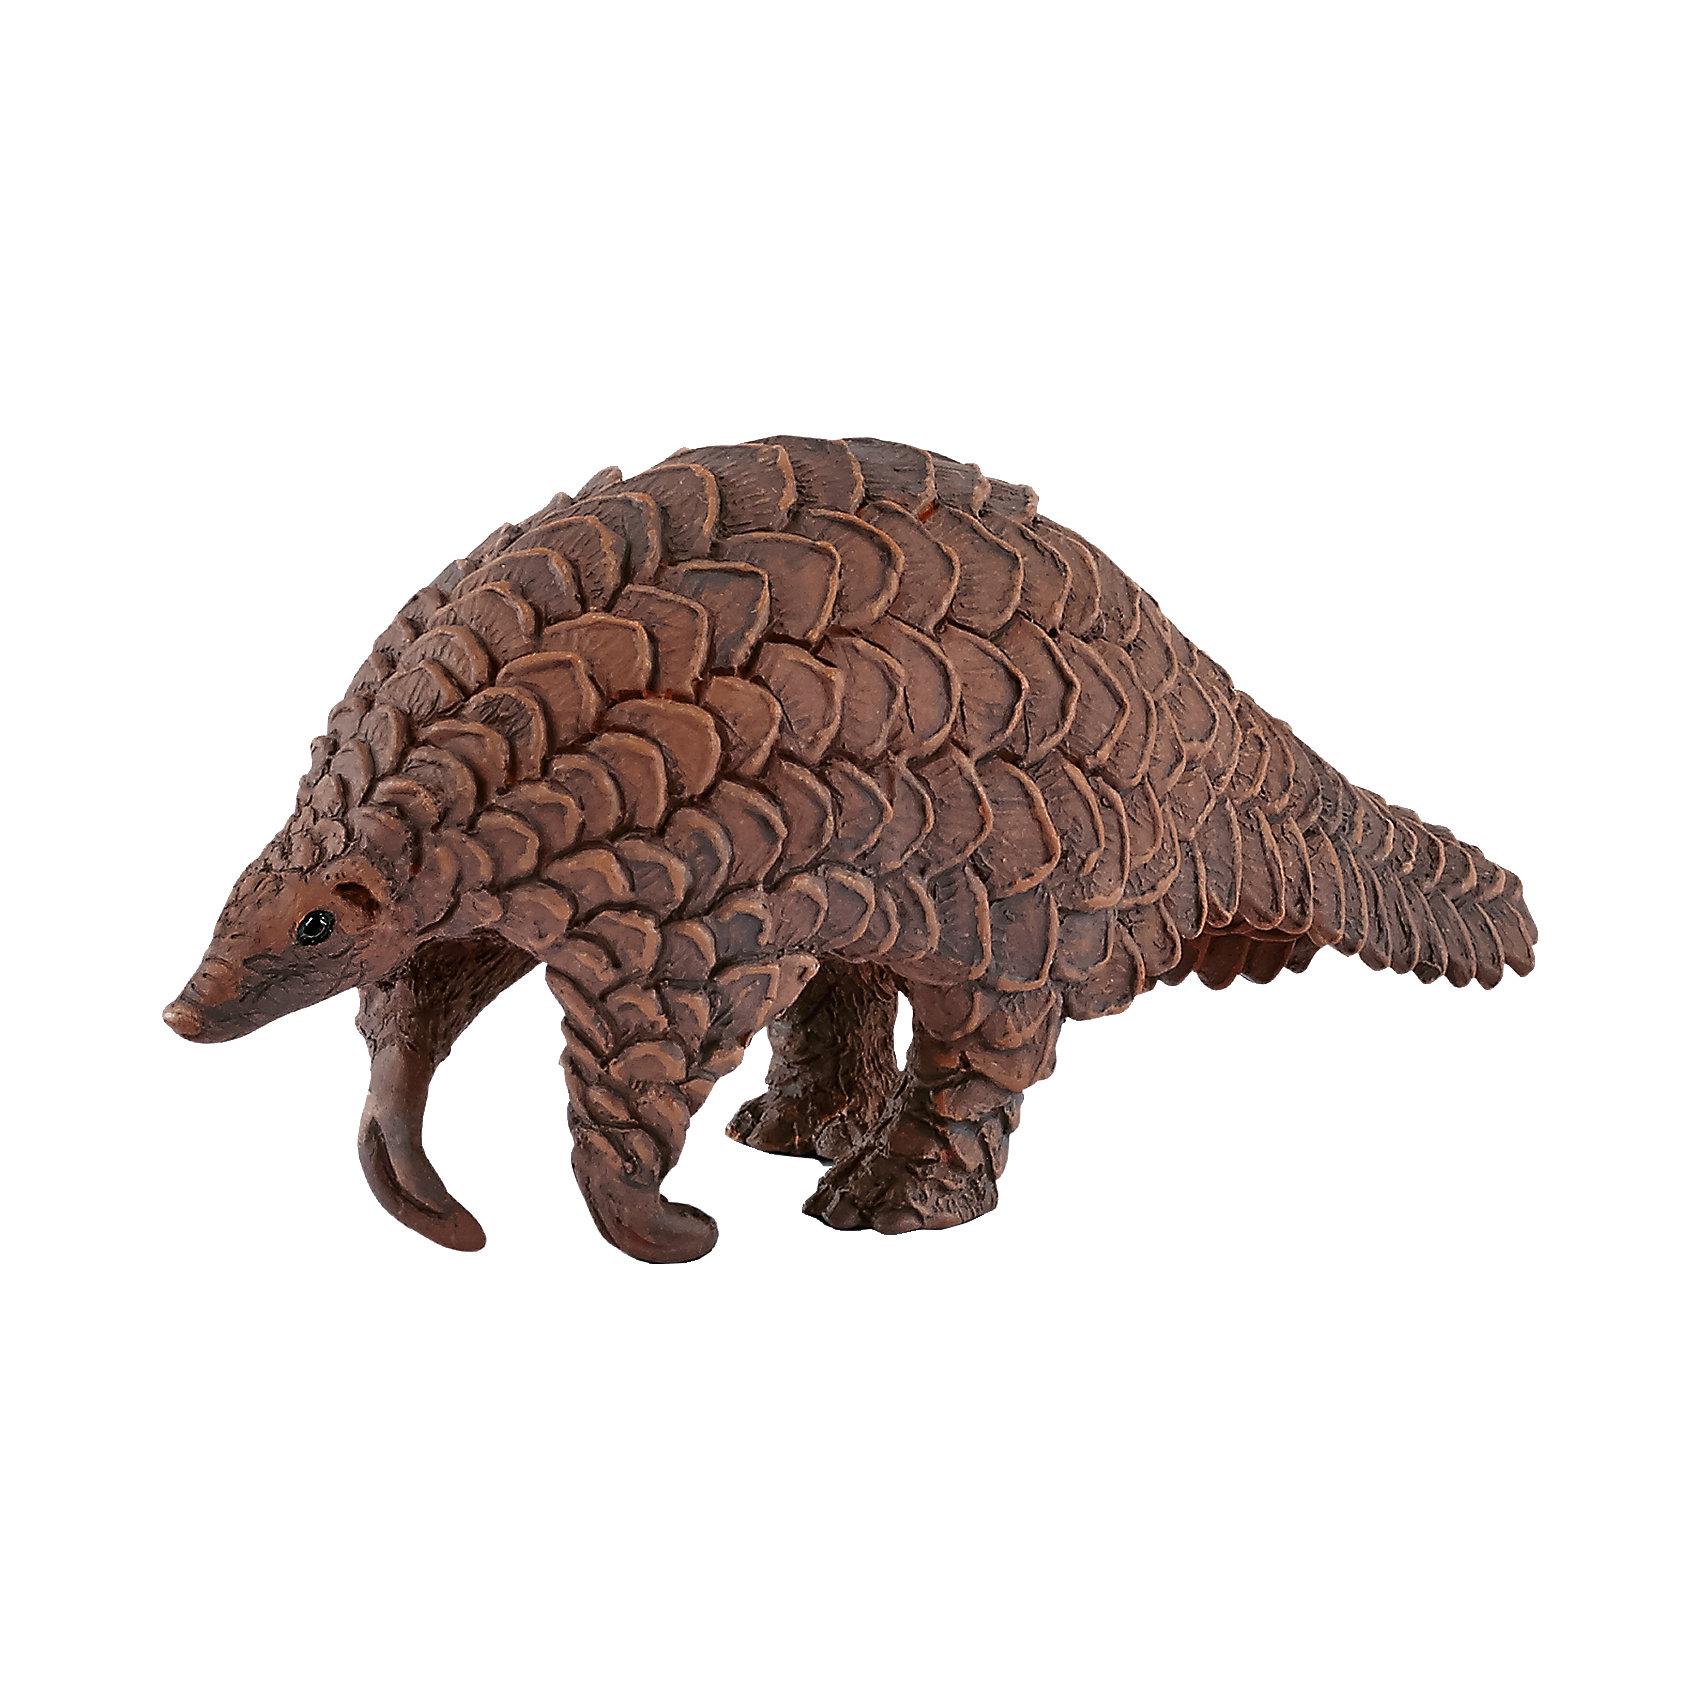 Гигантский ящер, SchleichВне категории - РМА<br>Гигантский ящер, Schleich – для всех любителей реалистичных фигурок.<br>Отличное дополнение в коллекцию. Красивые качественные фигурки в точности повторяют настоящих животных. Сделаны они из безопасного и не токсичного материала, который не вызывает аллергию. Краски не тускнеют и не стираются от длительной и активной игры. Ящер из Африки однозначно порадует вашего ребенка.<br><br>Дополнительная информация:<br><br>- возраст: от 3 лет<br>- материал: каучук, пластик<br>- размер: 9 х 3 х 3.5 см<br>- страна: Германия<br><br>Гигантский ящер, Schleich можно купить в нашем интернет магазине.<br><br>Ширина мм: 94<br>Глубина мм: 53<br>Высота мм: 27<br>Вес г: 31<br>Возраст от месяцев: 36<br>Возраст до месяцев: 96<br>Пол: Унисекс<br>Возраст: Детский<br>SKU: 4662506